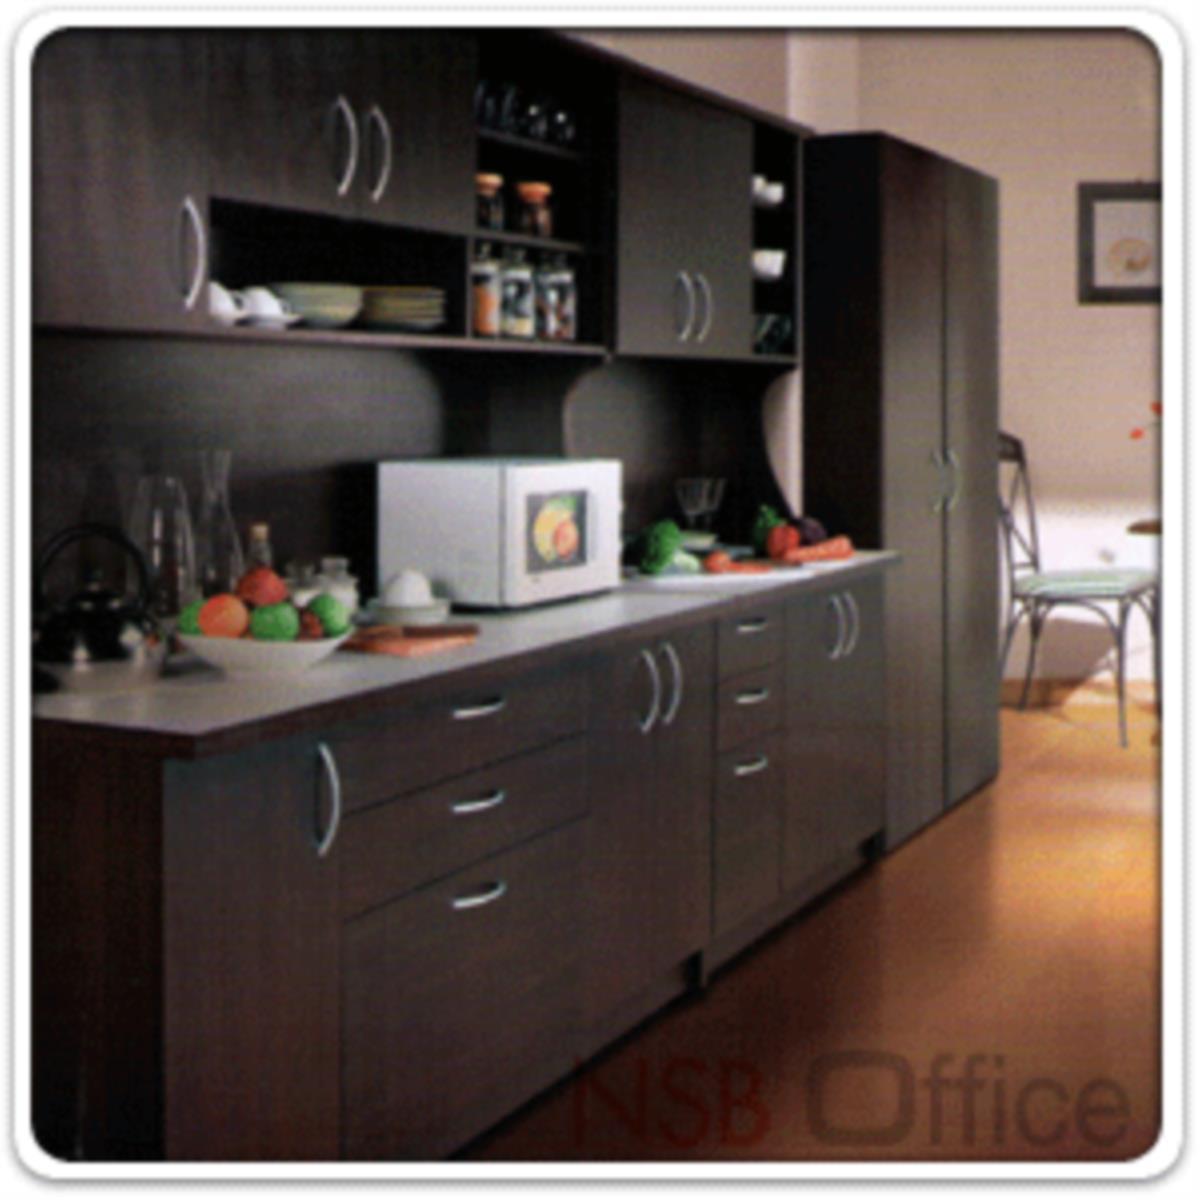 ชุดตู้ครัวหน้าเรียบ 180 cm. ER-0118  พร้อมตู้ลอย